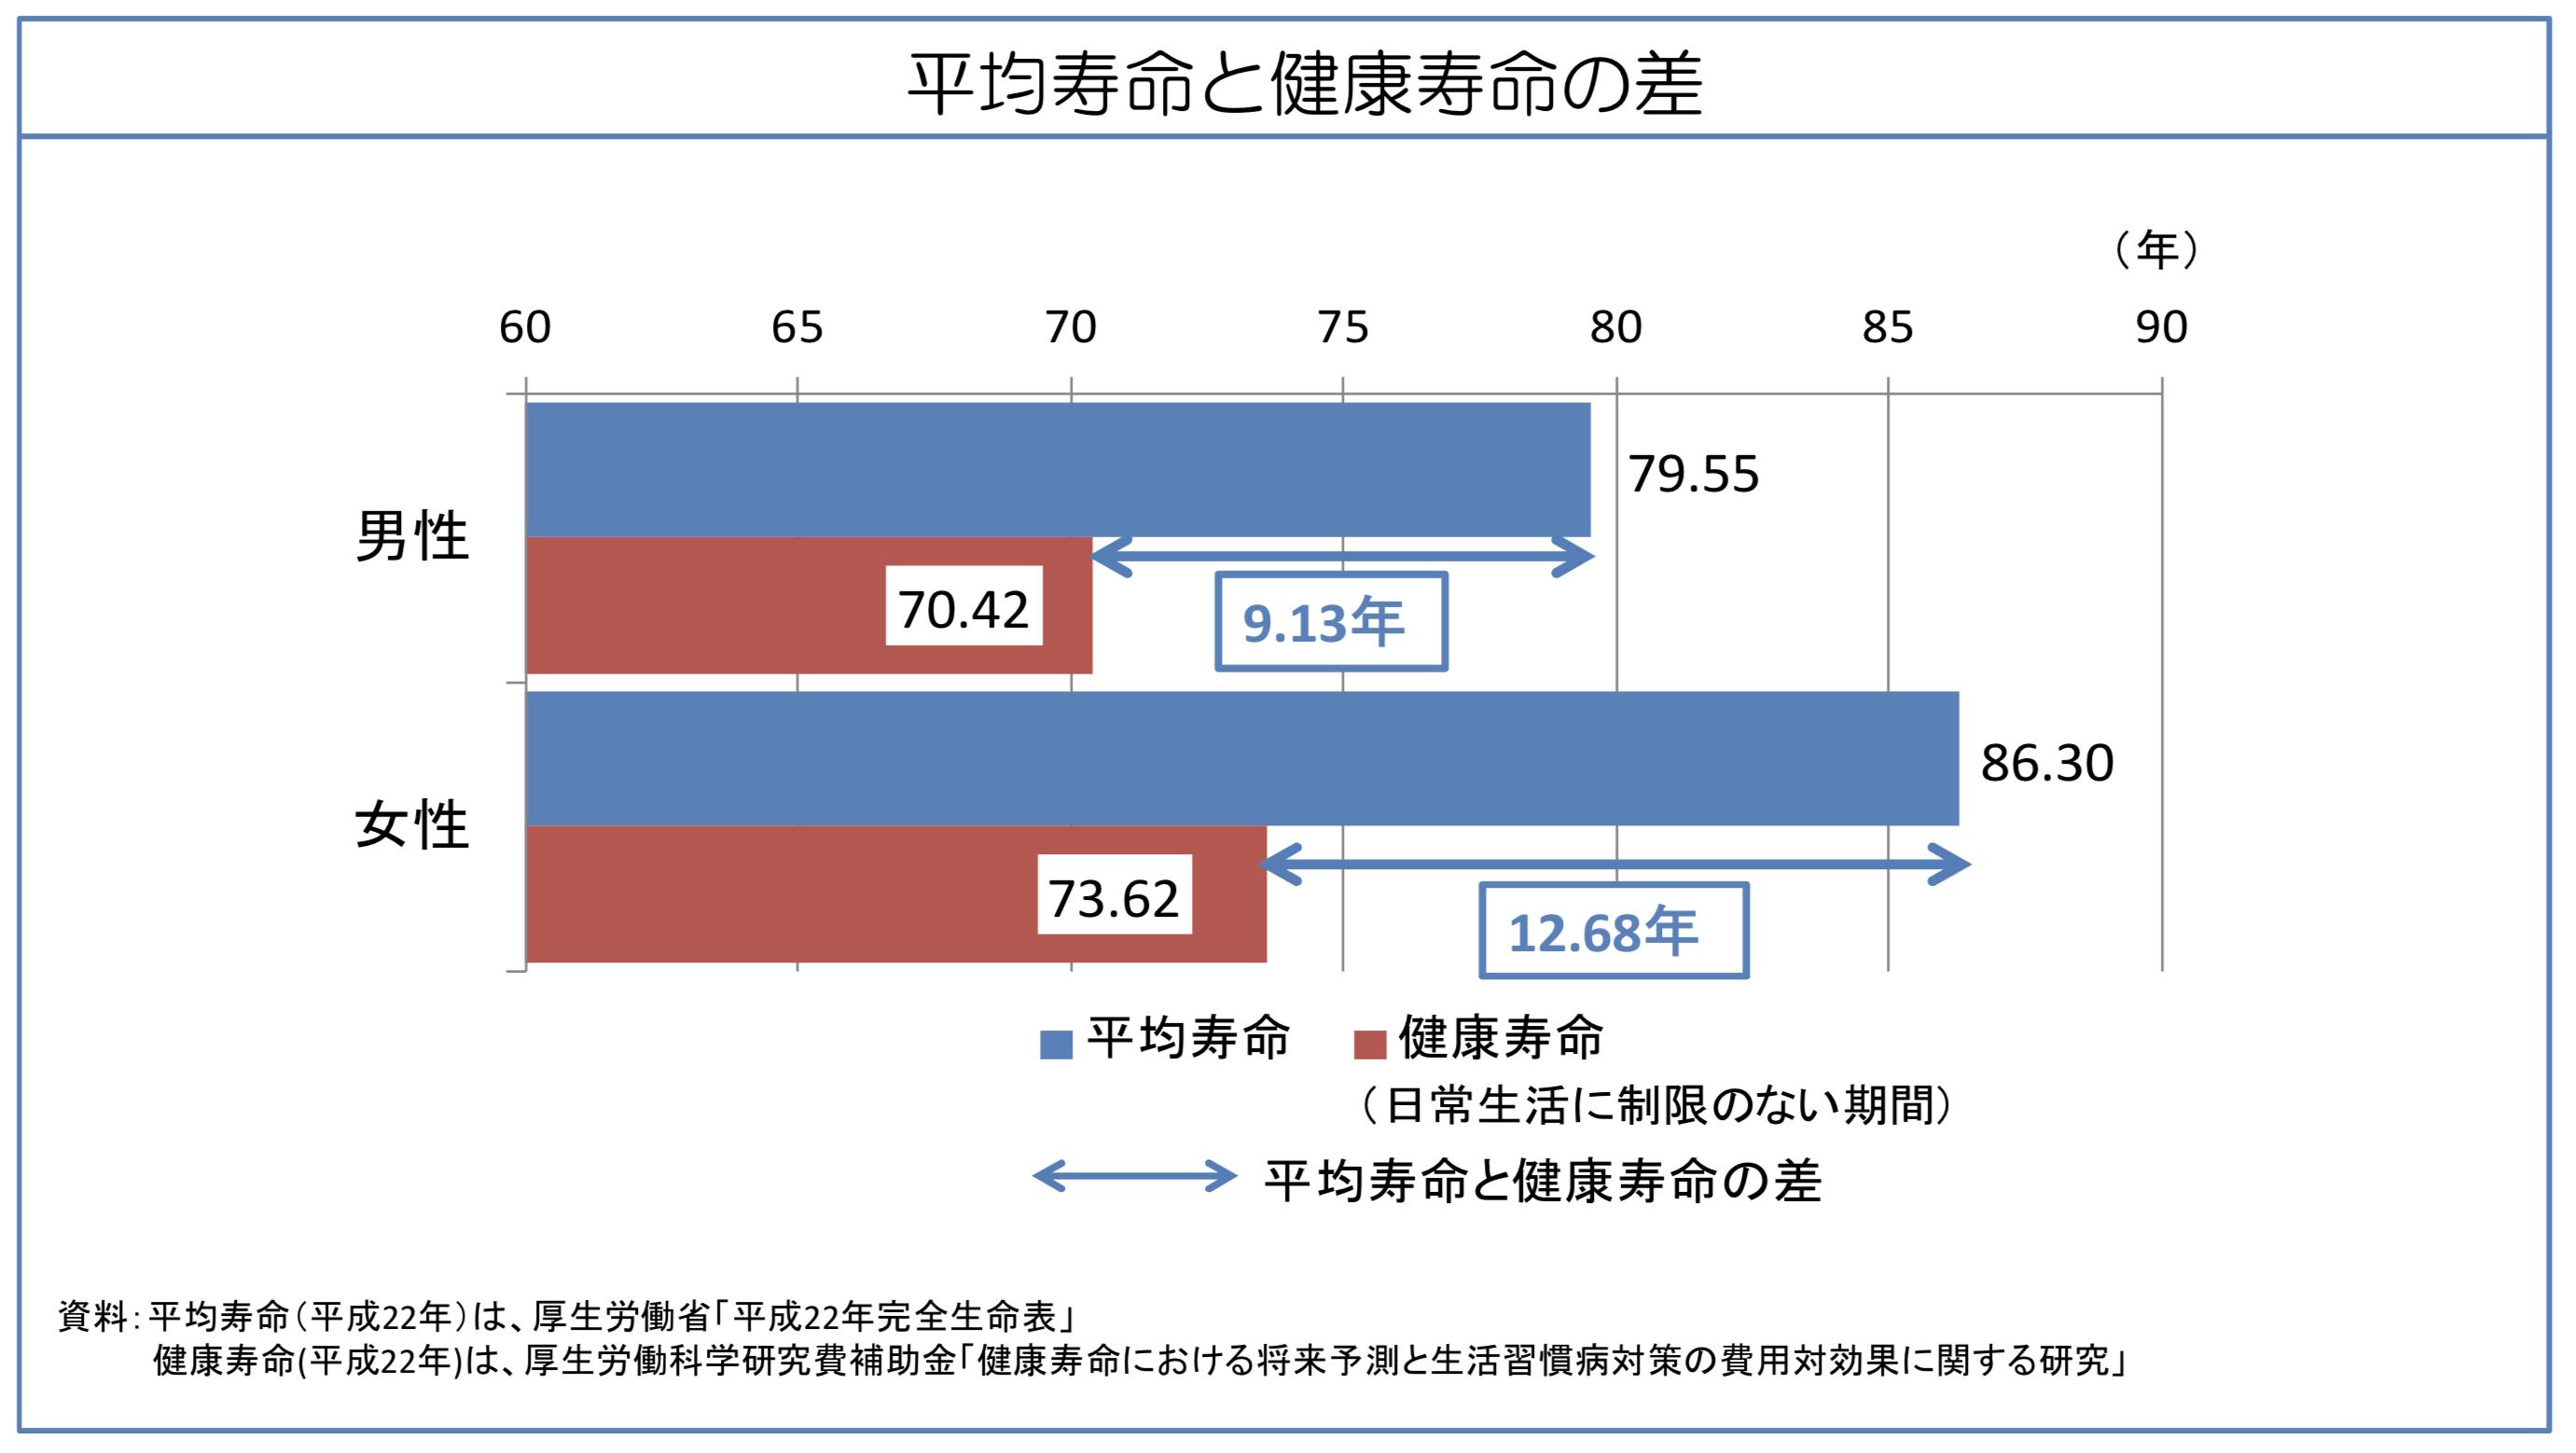 平均寿命と県境寿命の差